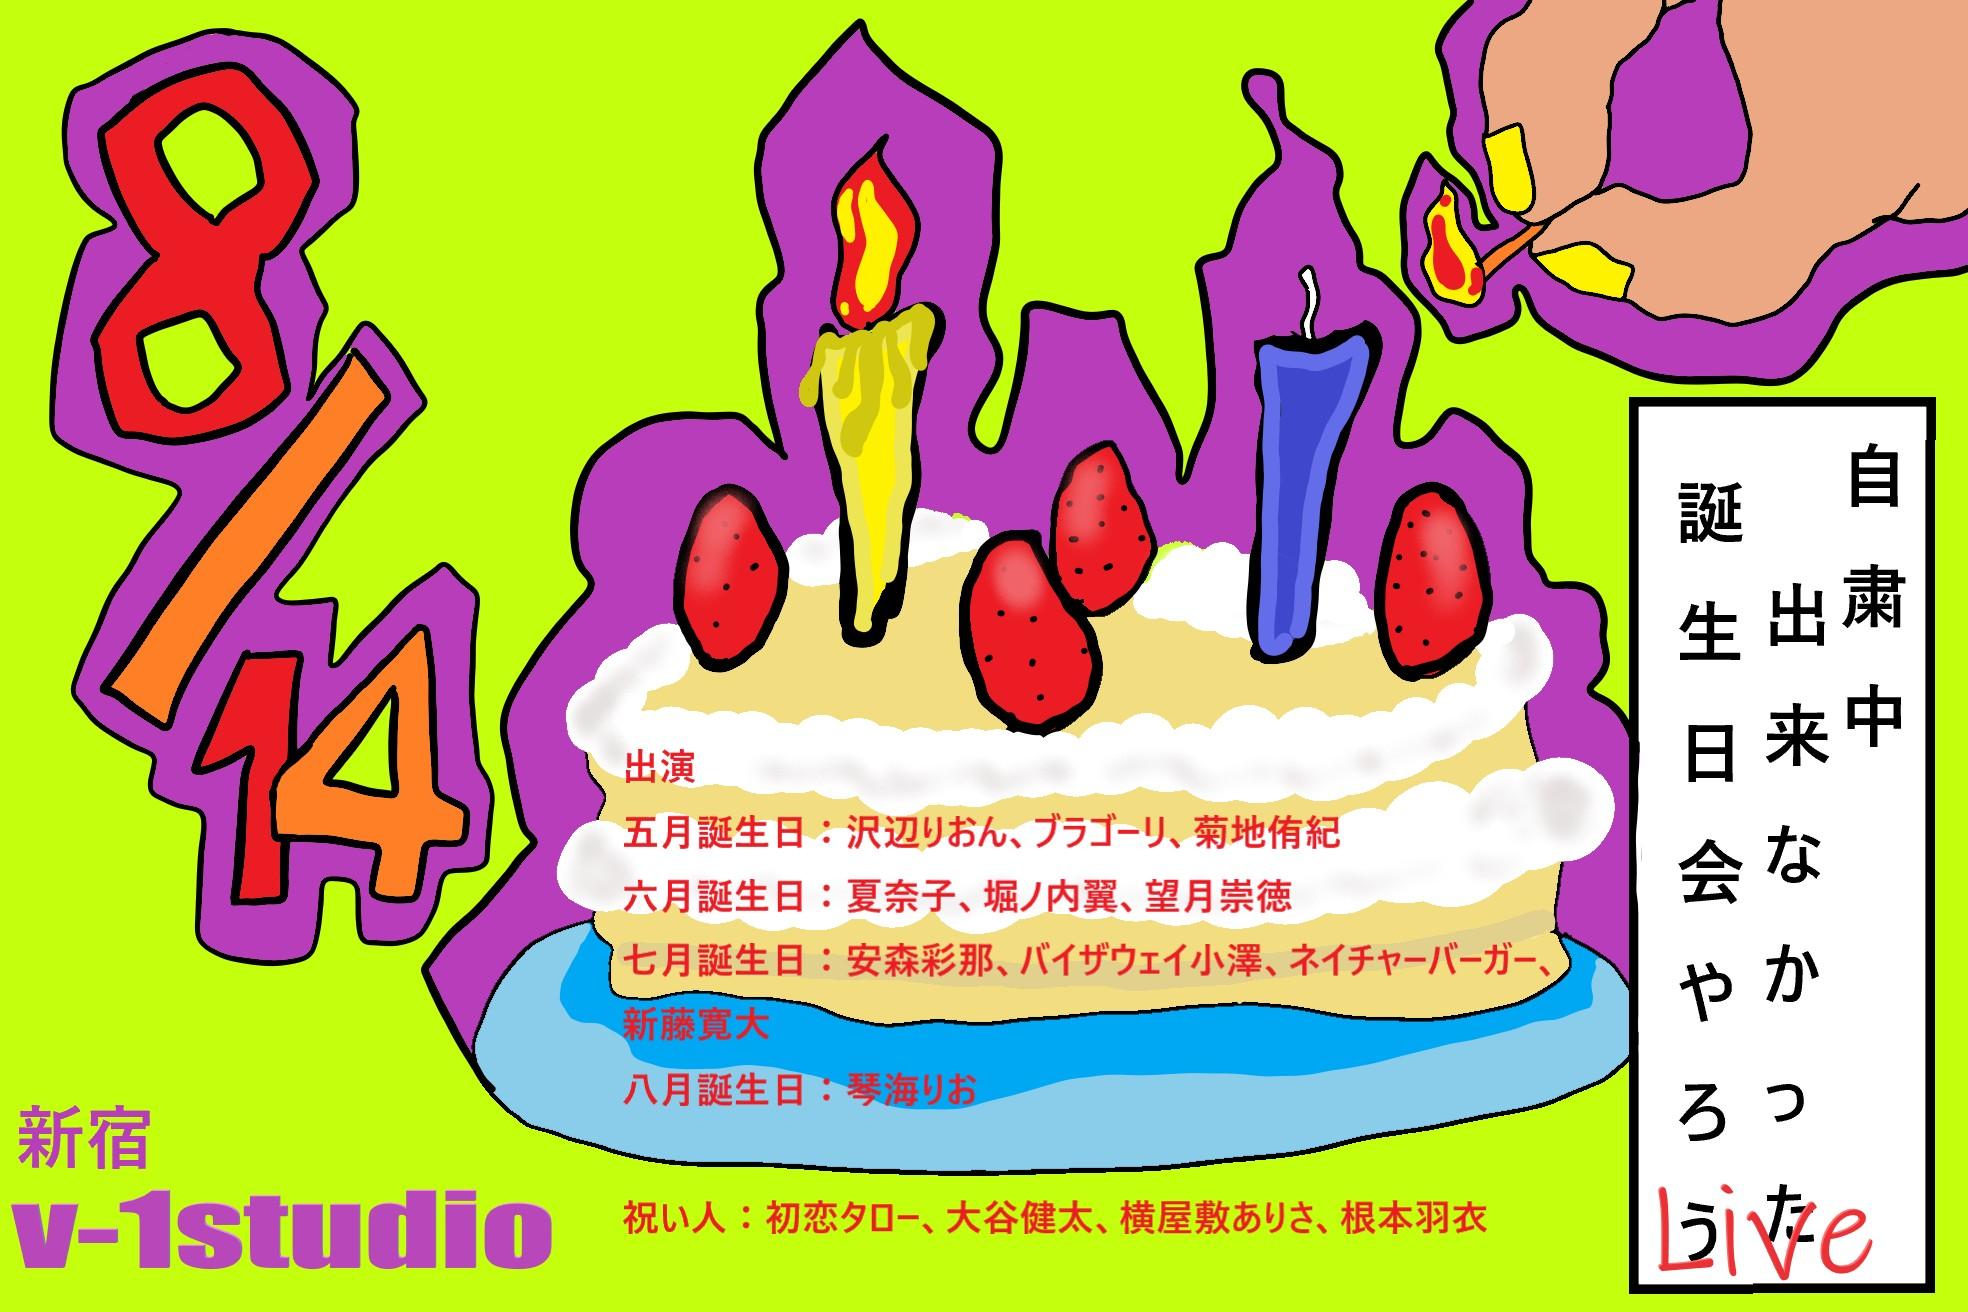 【劇場】8月14日 4〜8月の方の誕生日会ライブ